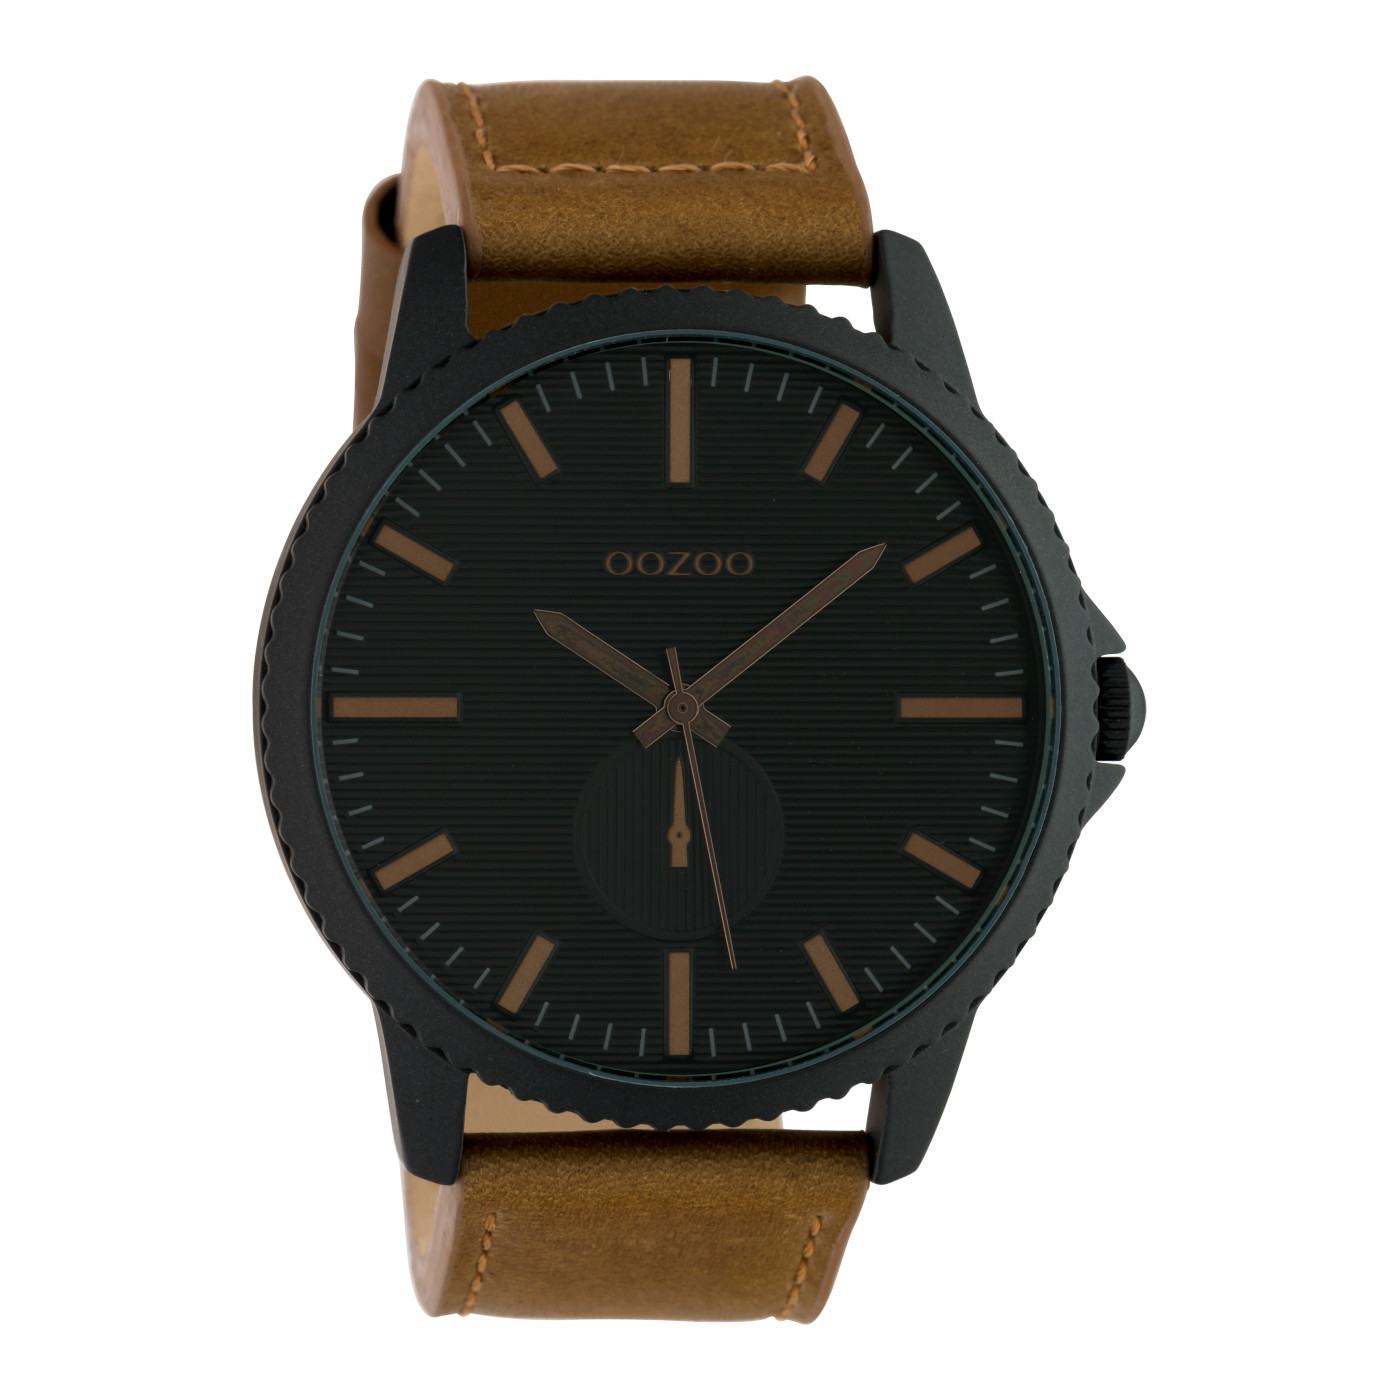 OOZOO Timepieces Bruin/Zwart horloge C10333 (48 mm)